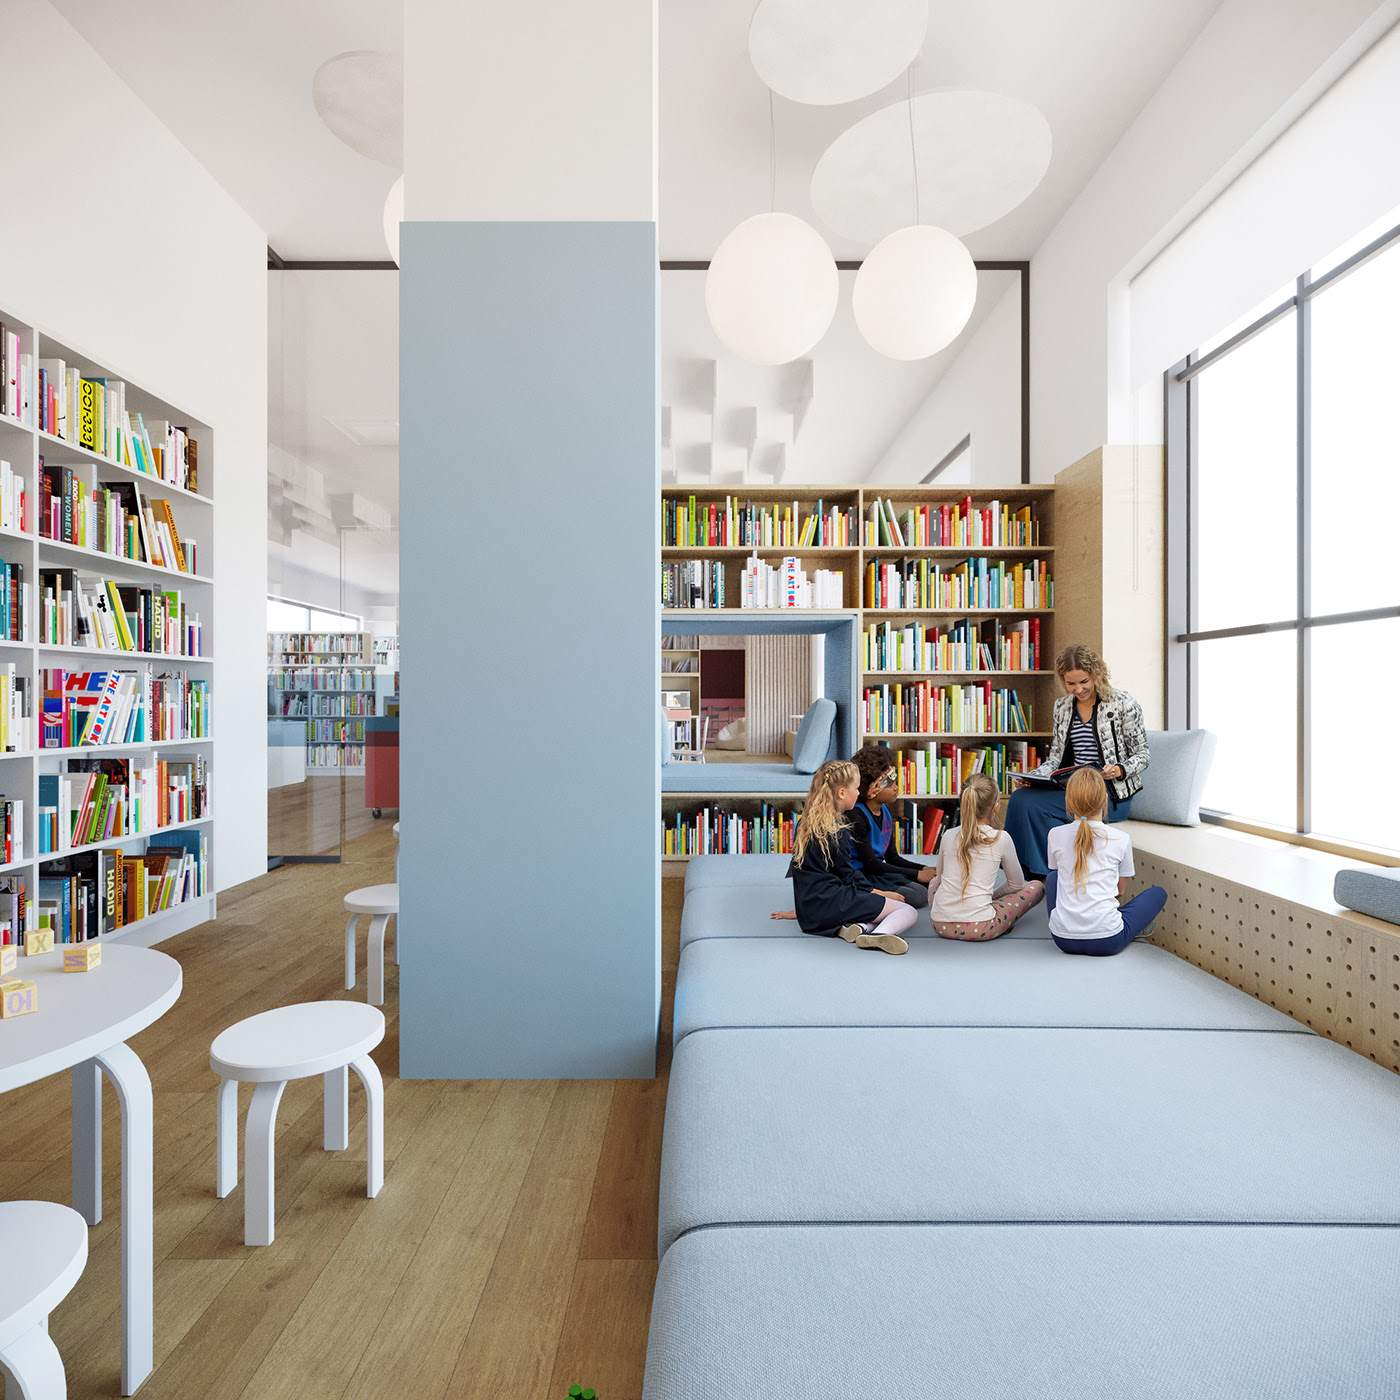 бібліотека у львові